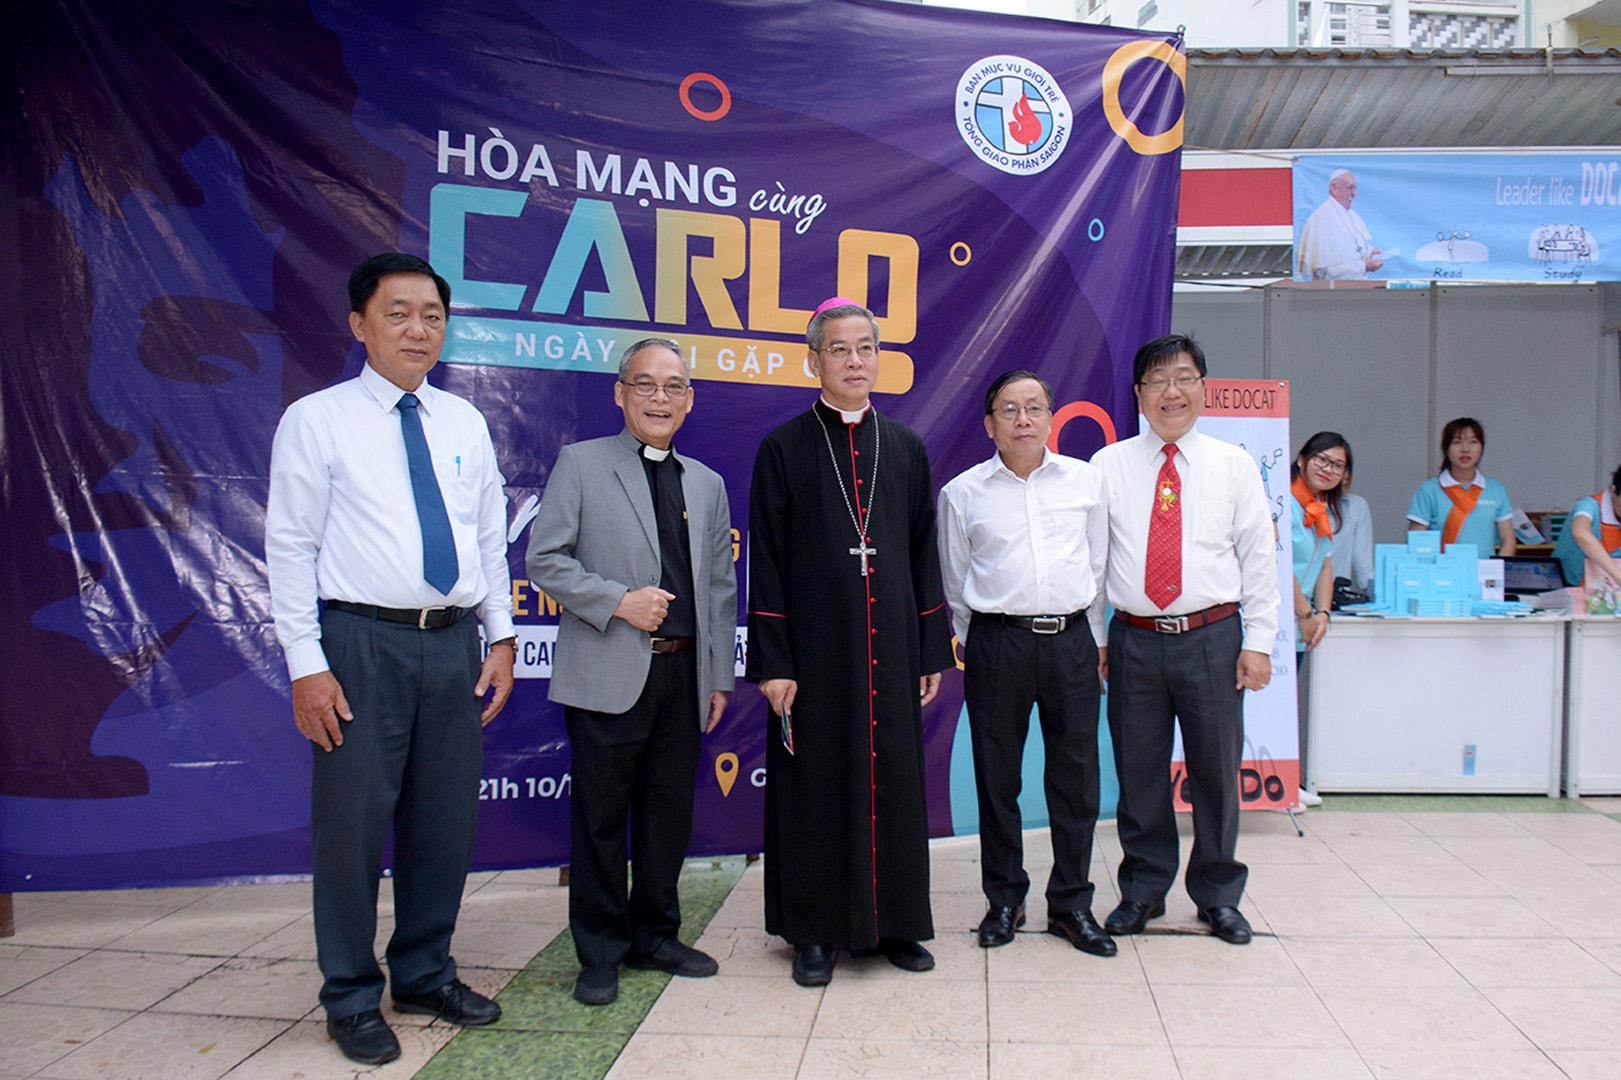 Hòa mạng cùng Carlo: Gặp gỡ giới trẻ TGP Sài Gòn ngày 10-10-2020